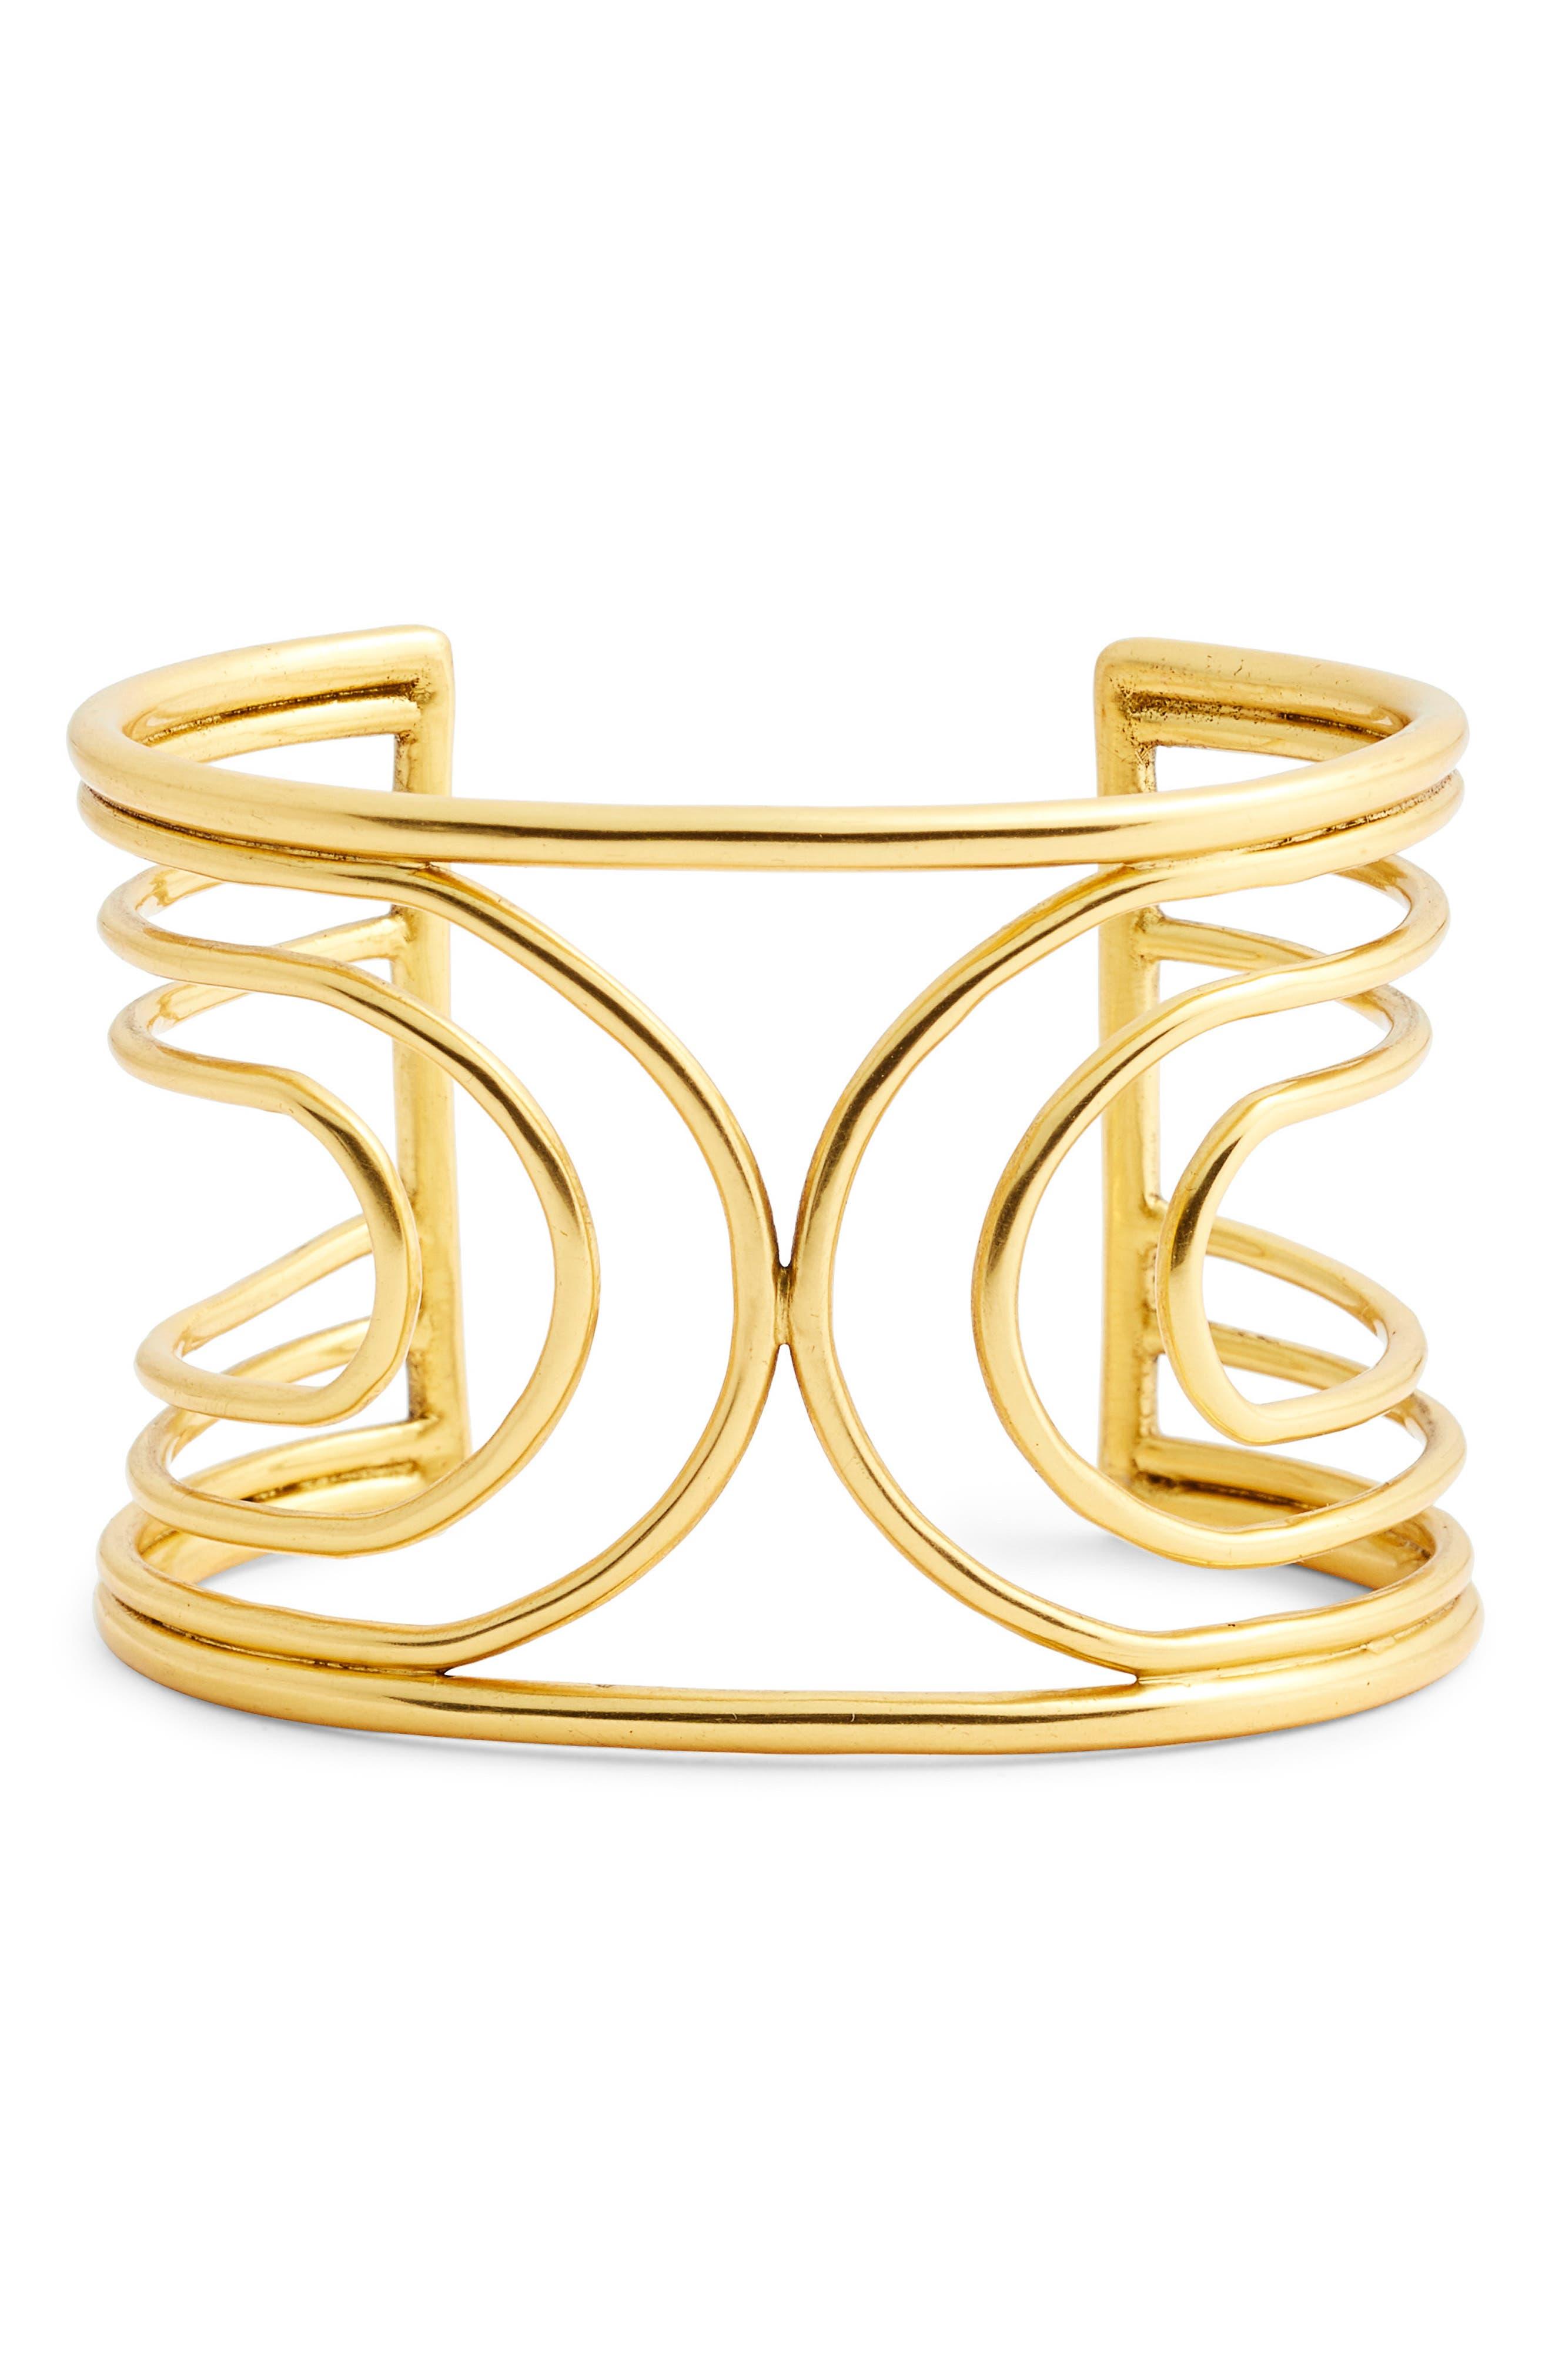 Wide Cuff Bracelet,                             Main thumbnail 1, color,                             710